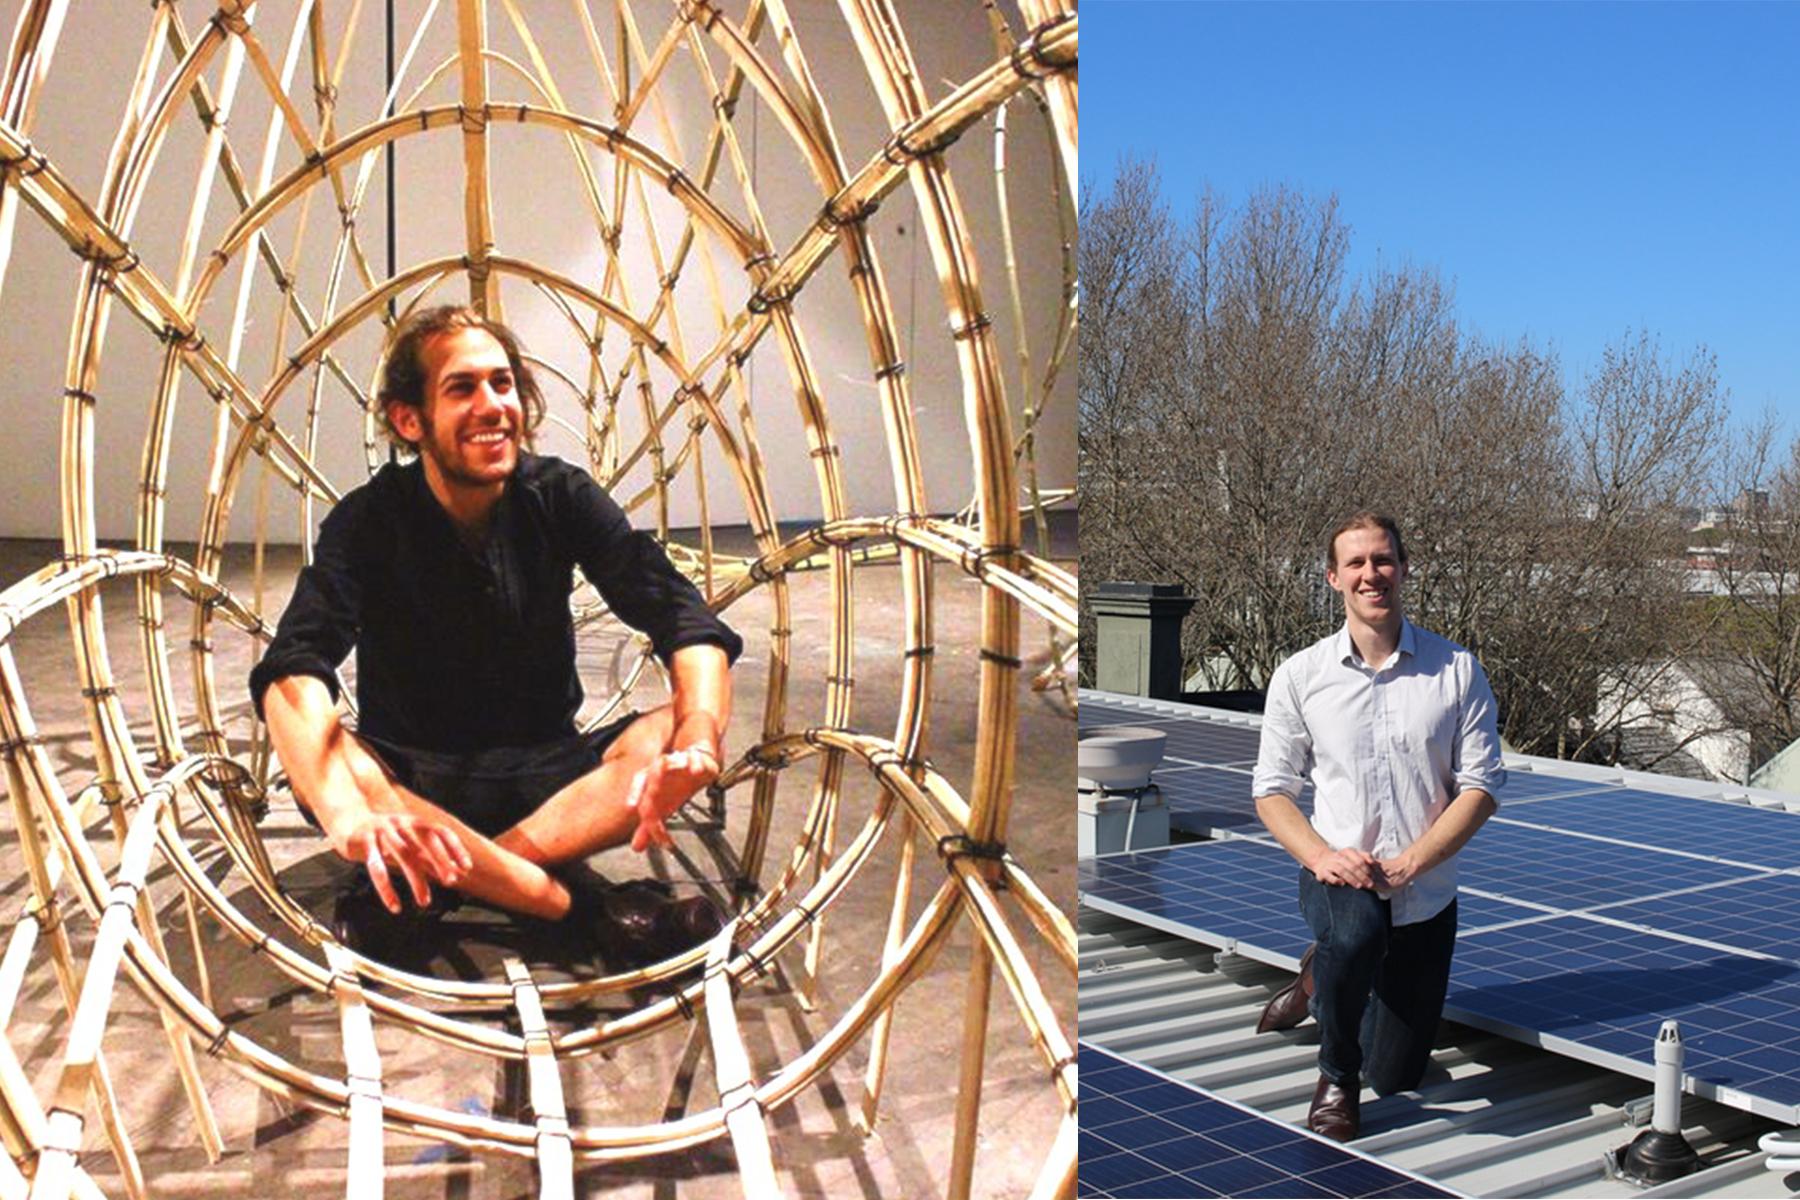 Mark Swartz, BjornSturmberg & Epicurean Harvest:Solar energy for the farmer -